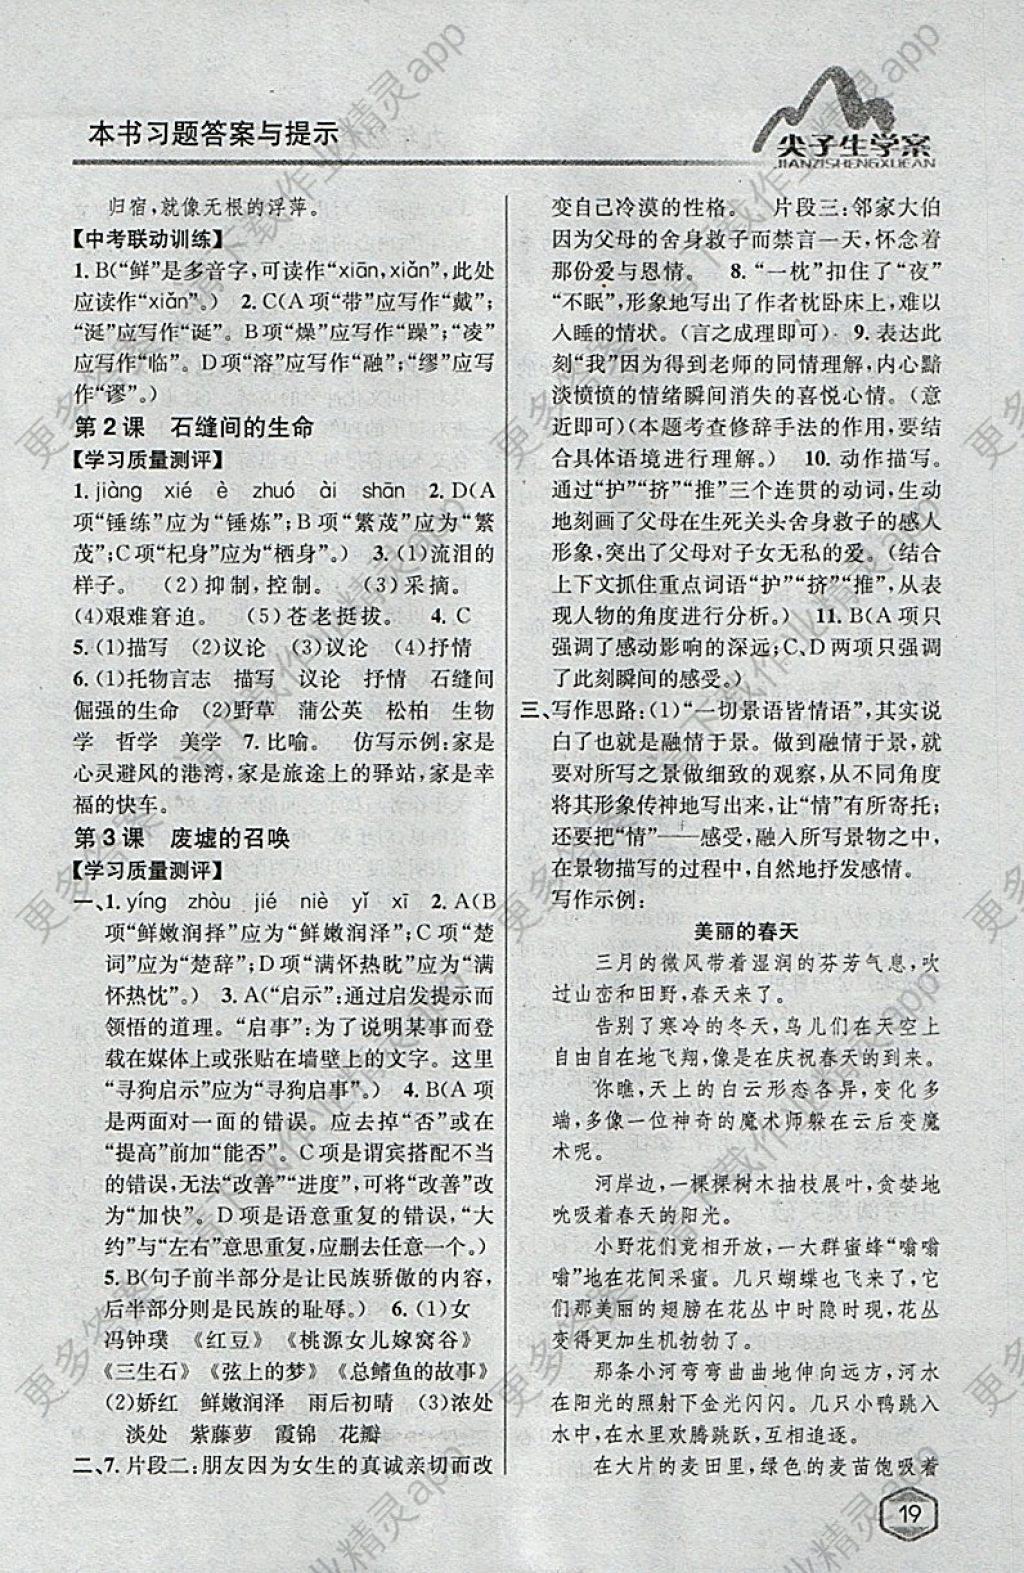 2018年尖子生学案九年级语文下册语文版图片